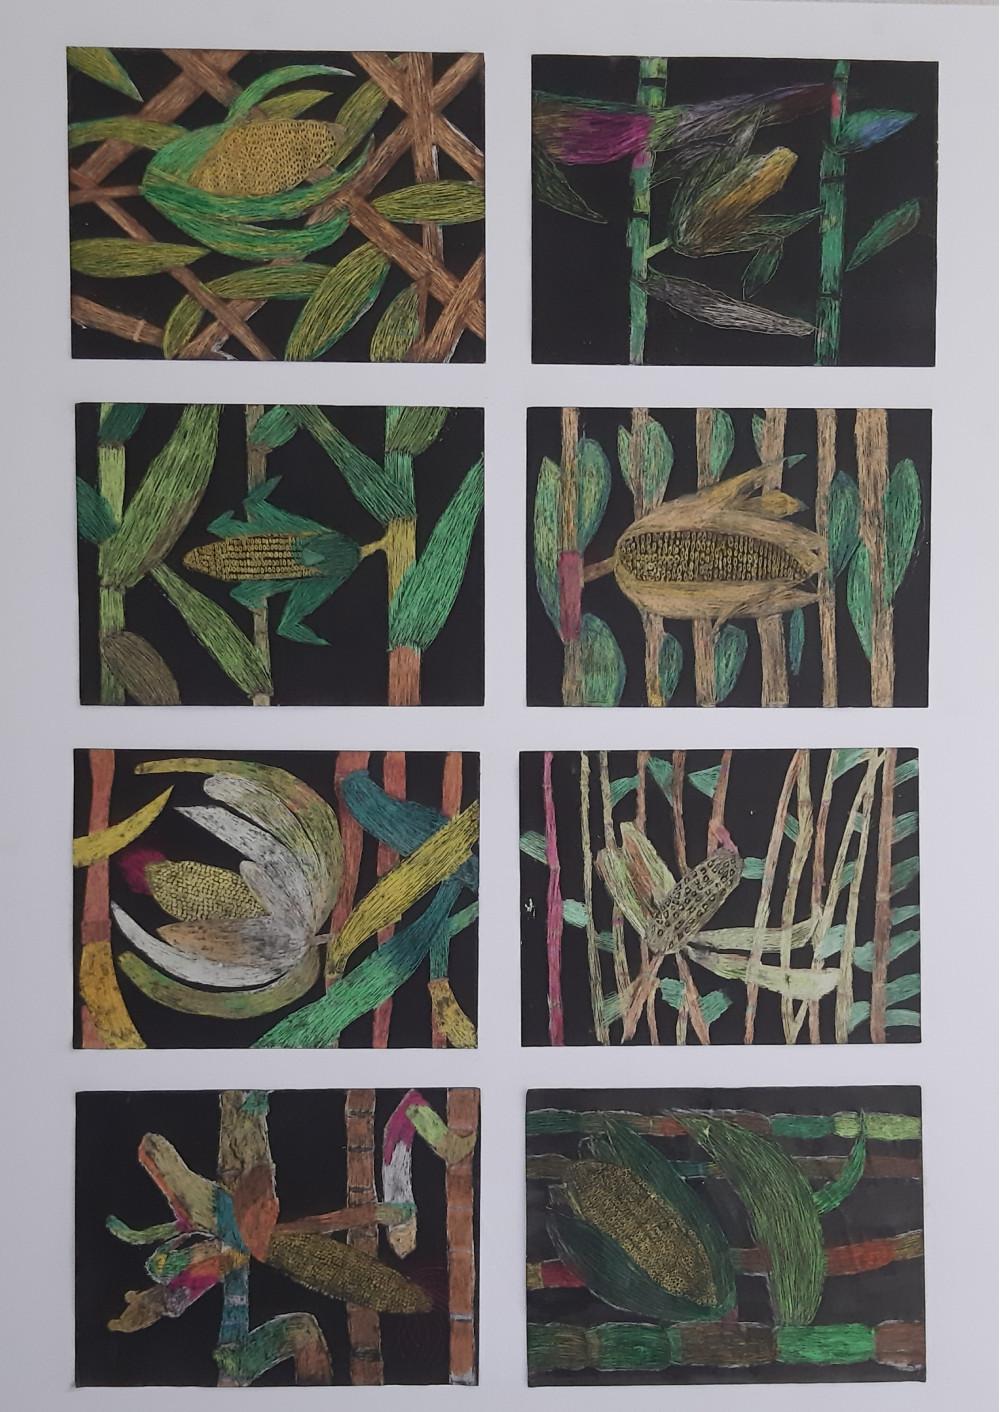 8 Bilder zum Thema Mais auf schwarzem Hintergrund